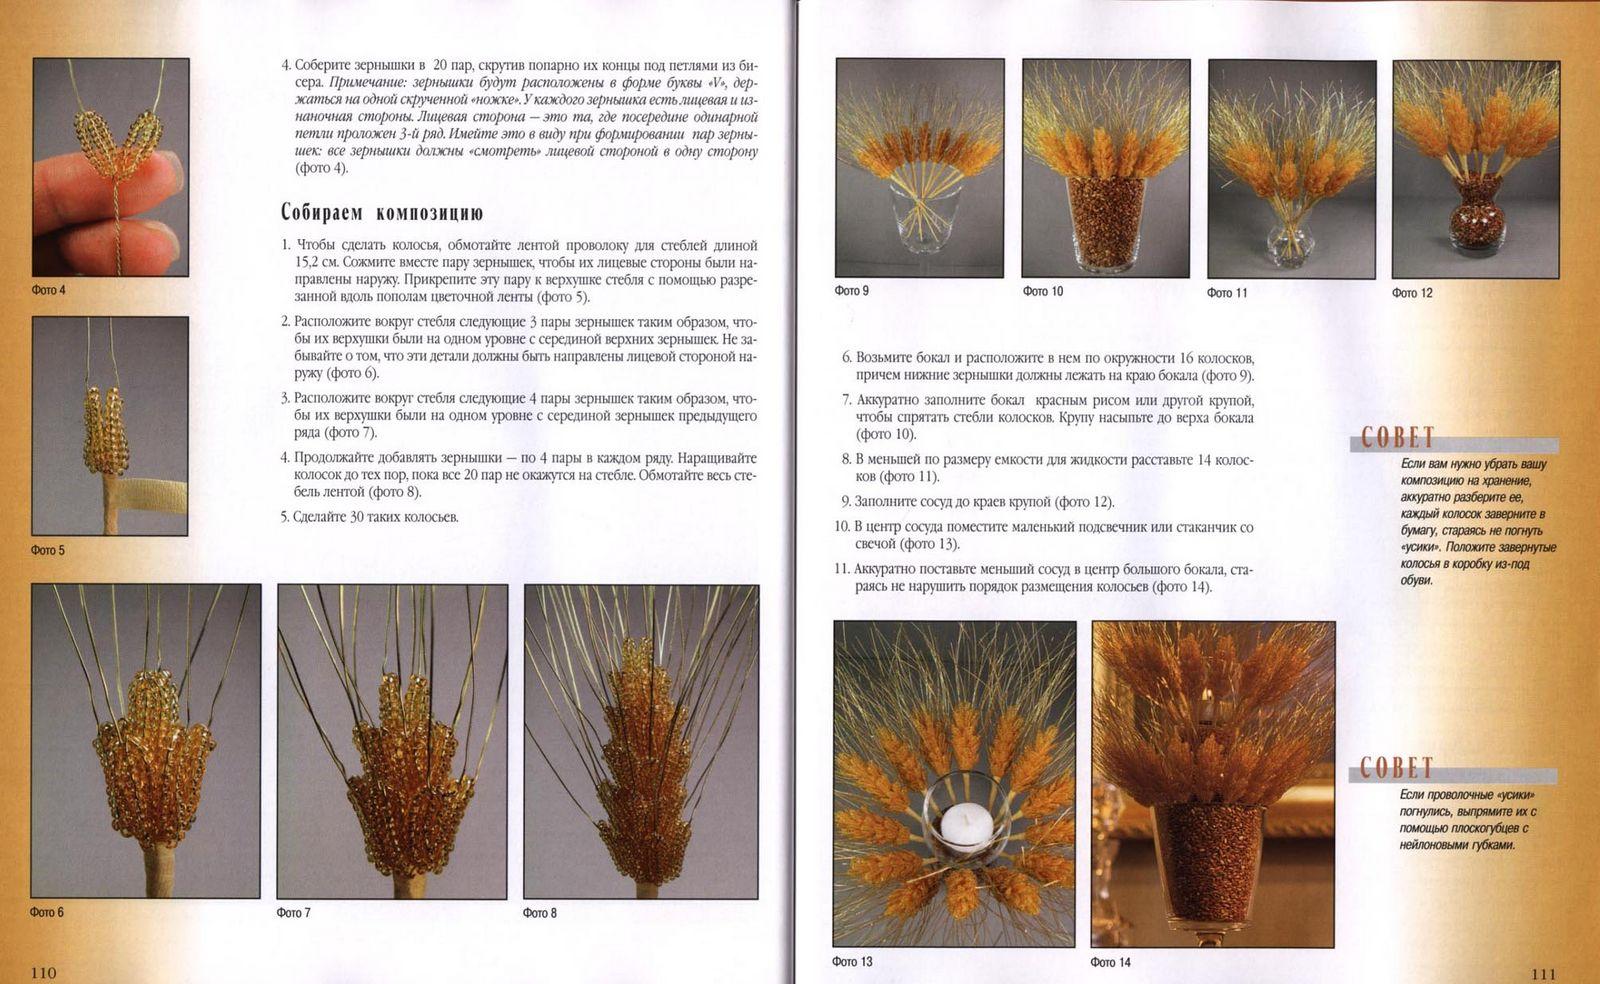 Делаем интерьерную композицию «Колоски пшеницы видео мастер-класс 45